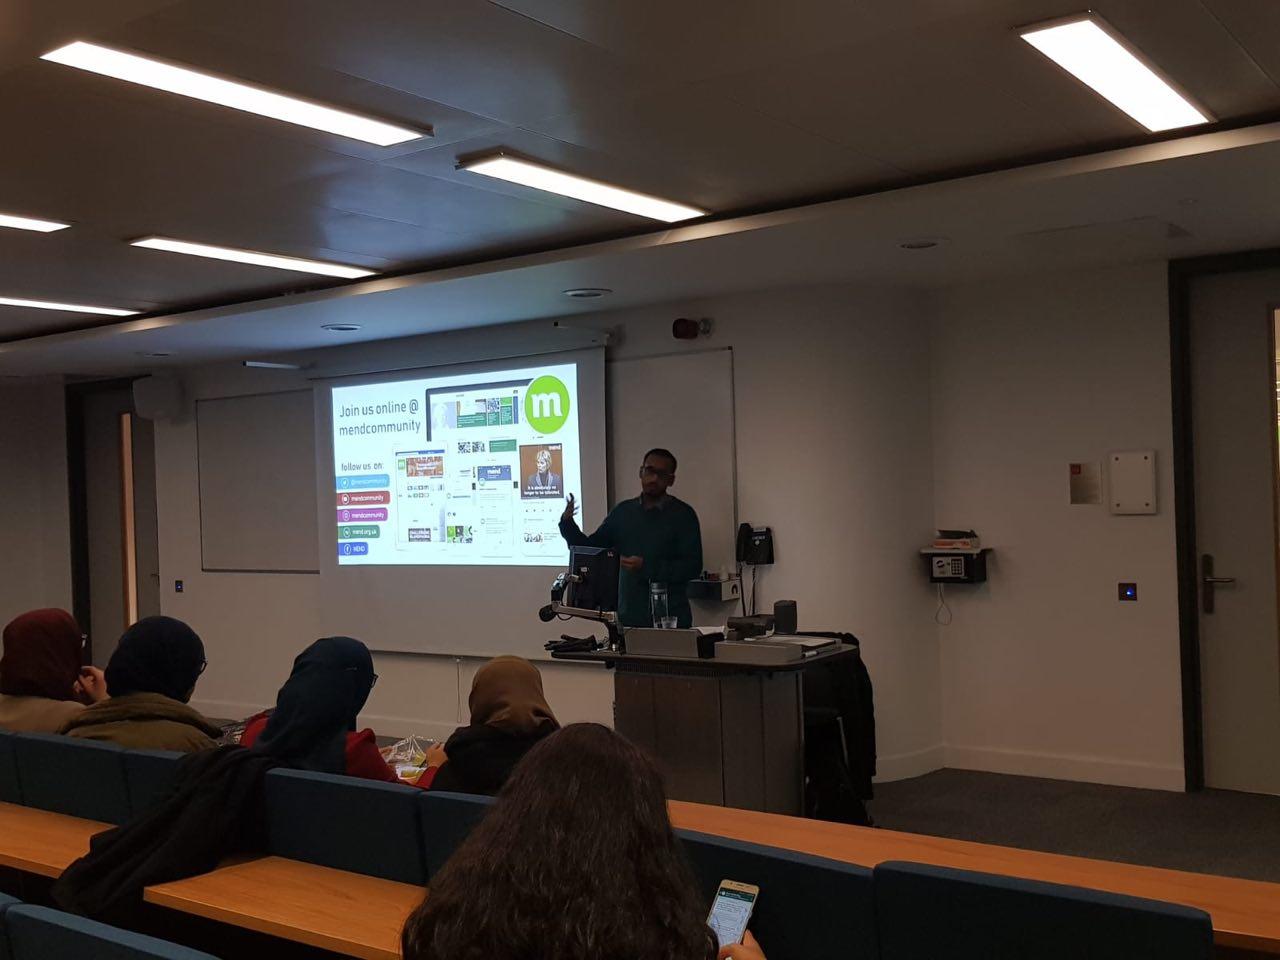 IAM2018 – C&C Presentation at LSE